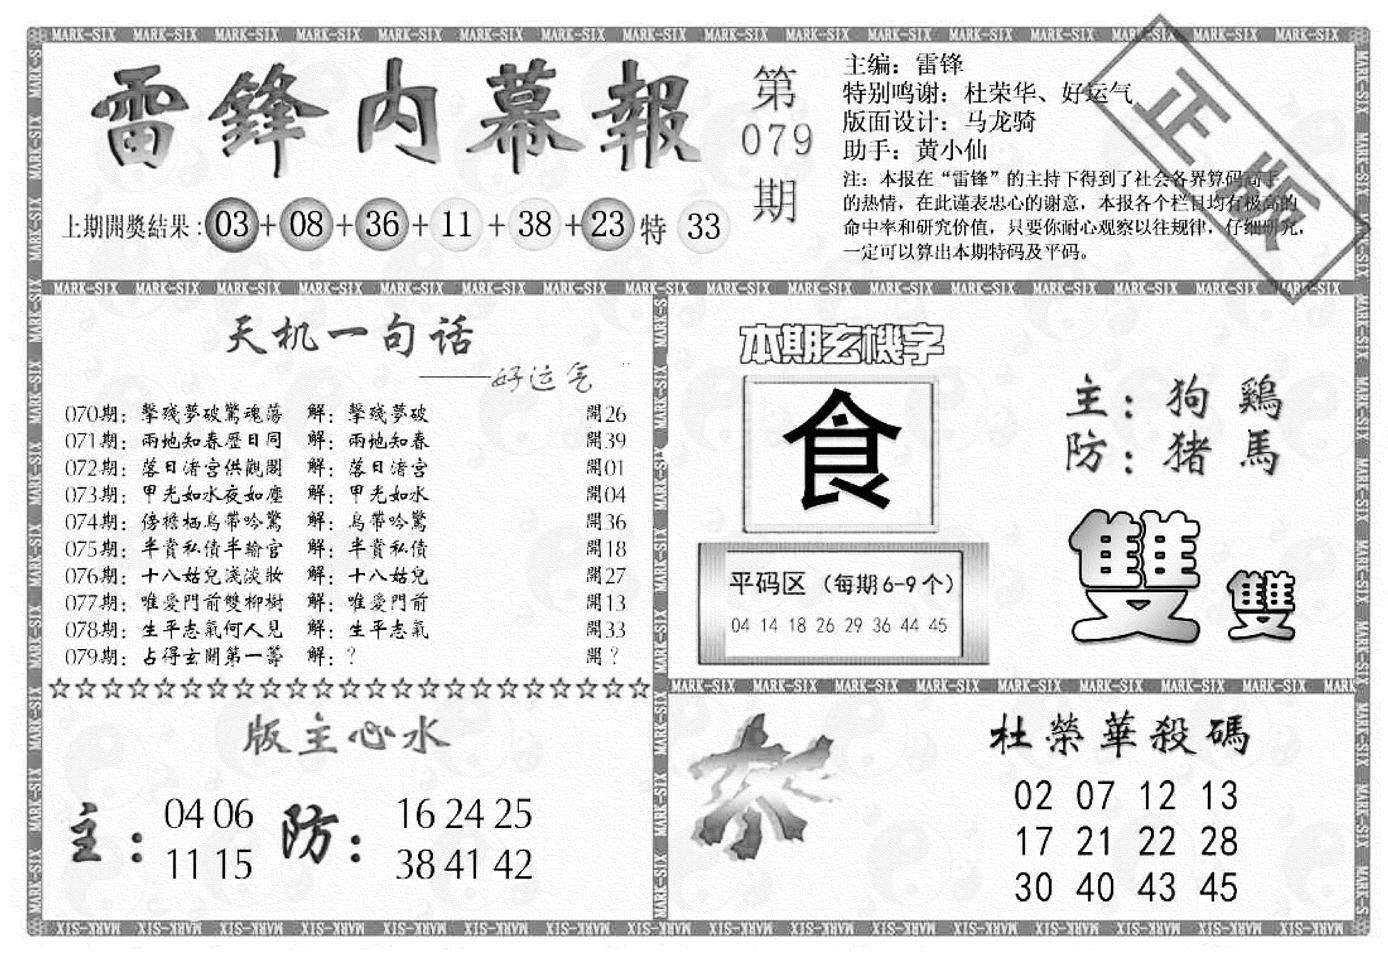 079期雷锋内幕报(黑白)